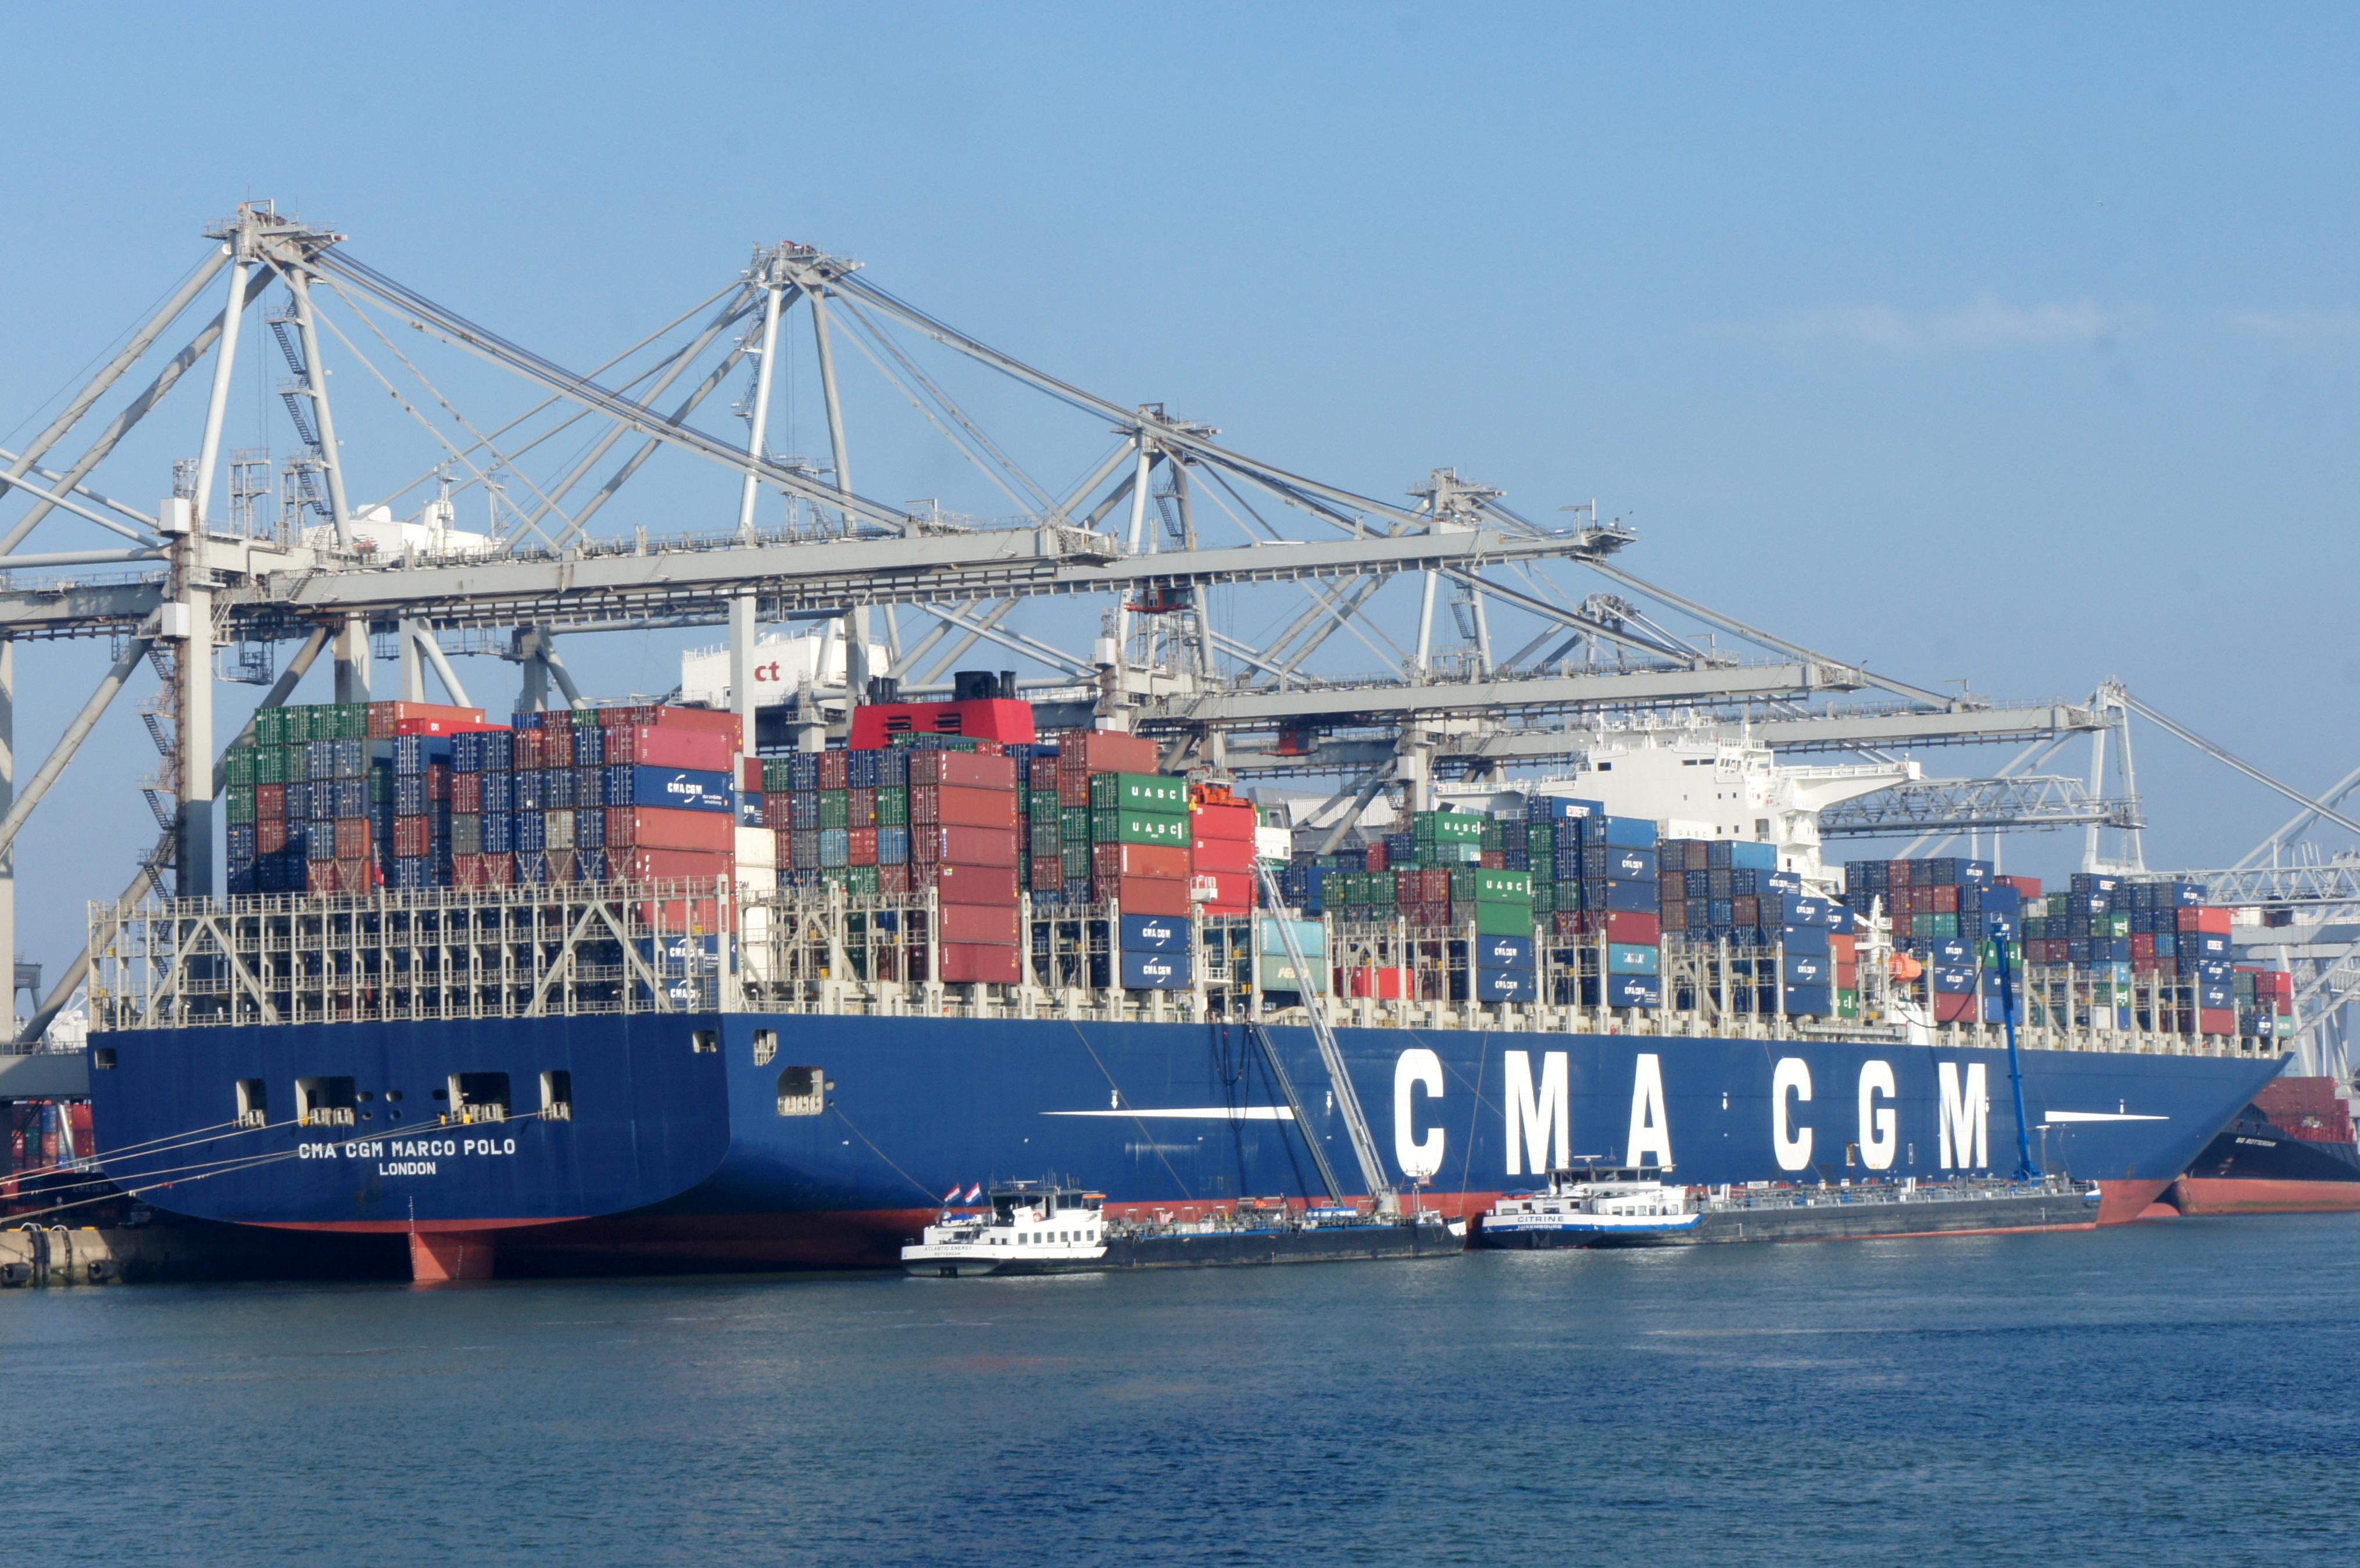 CMA CGM Marco Polo - Wikipedia